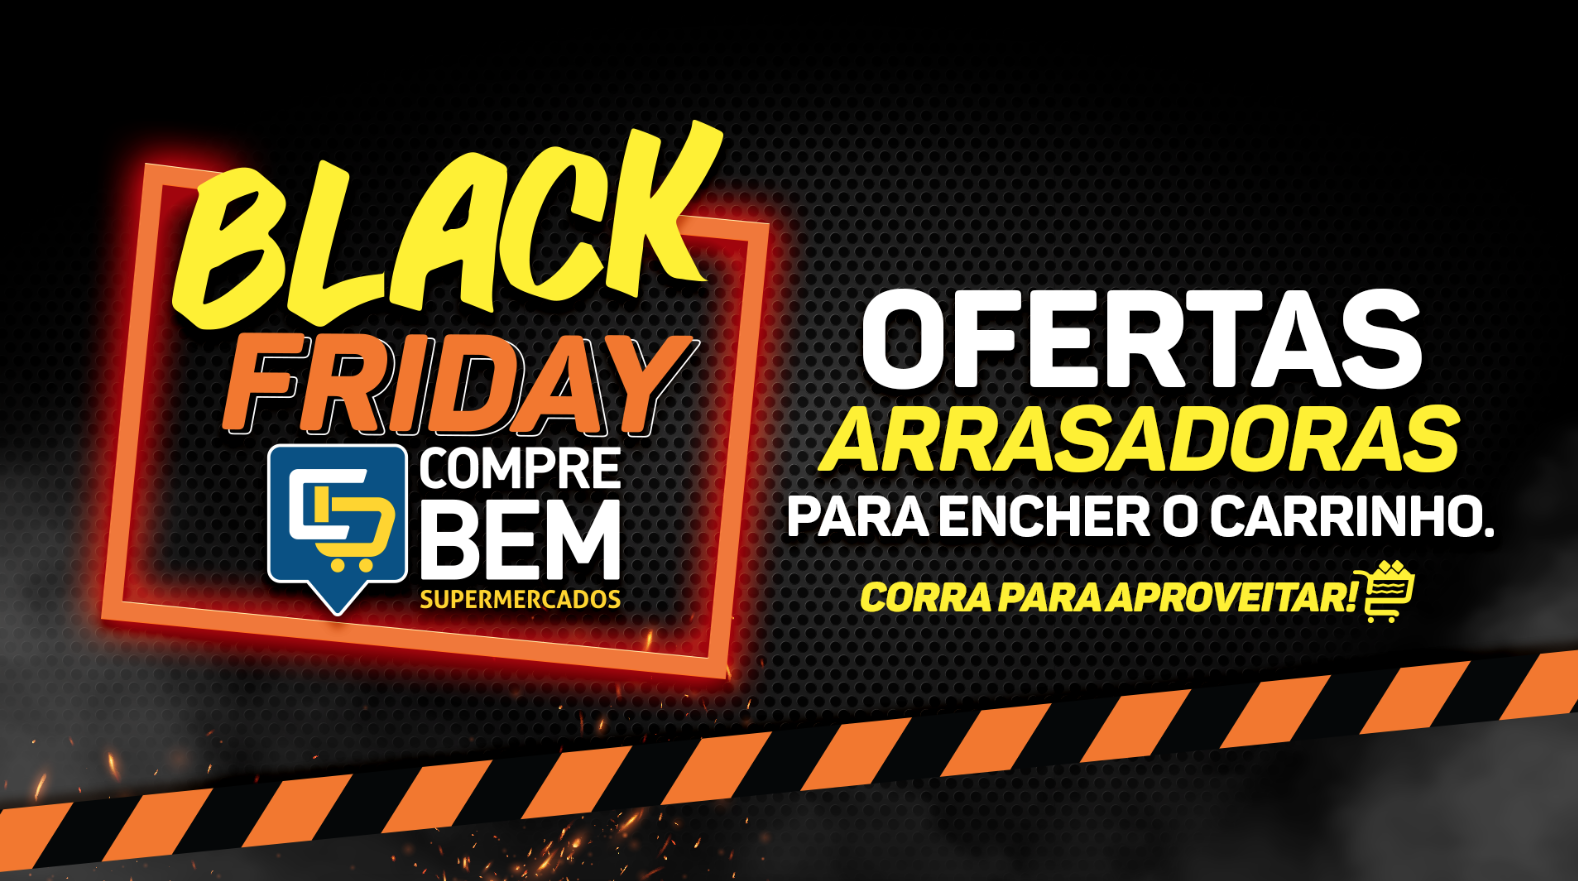 KV - Black Friday Compre Bem